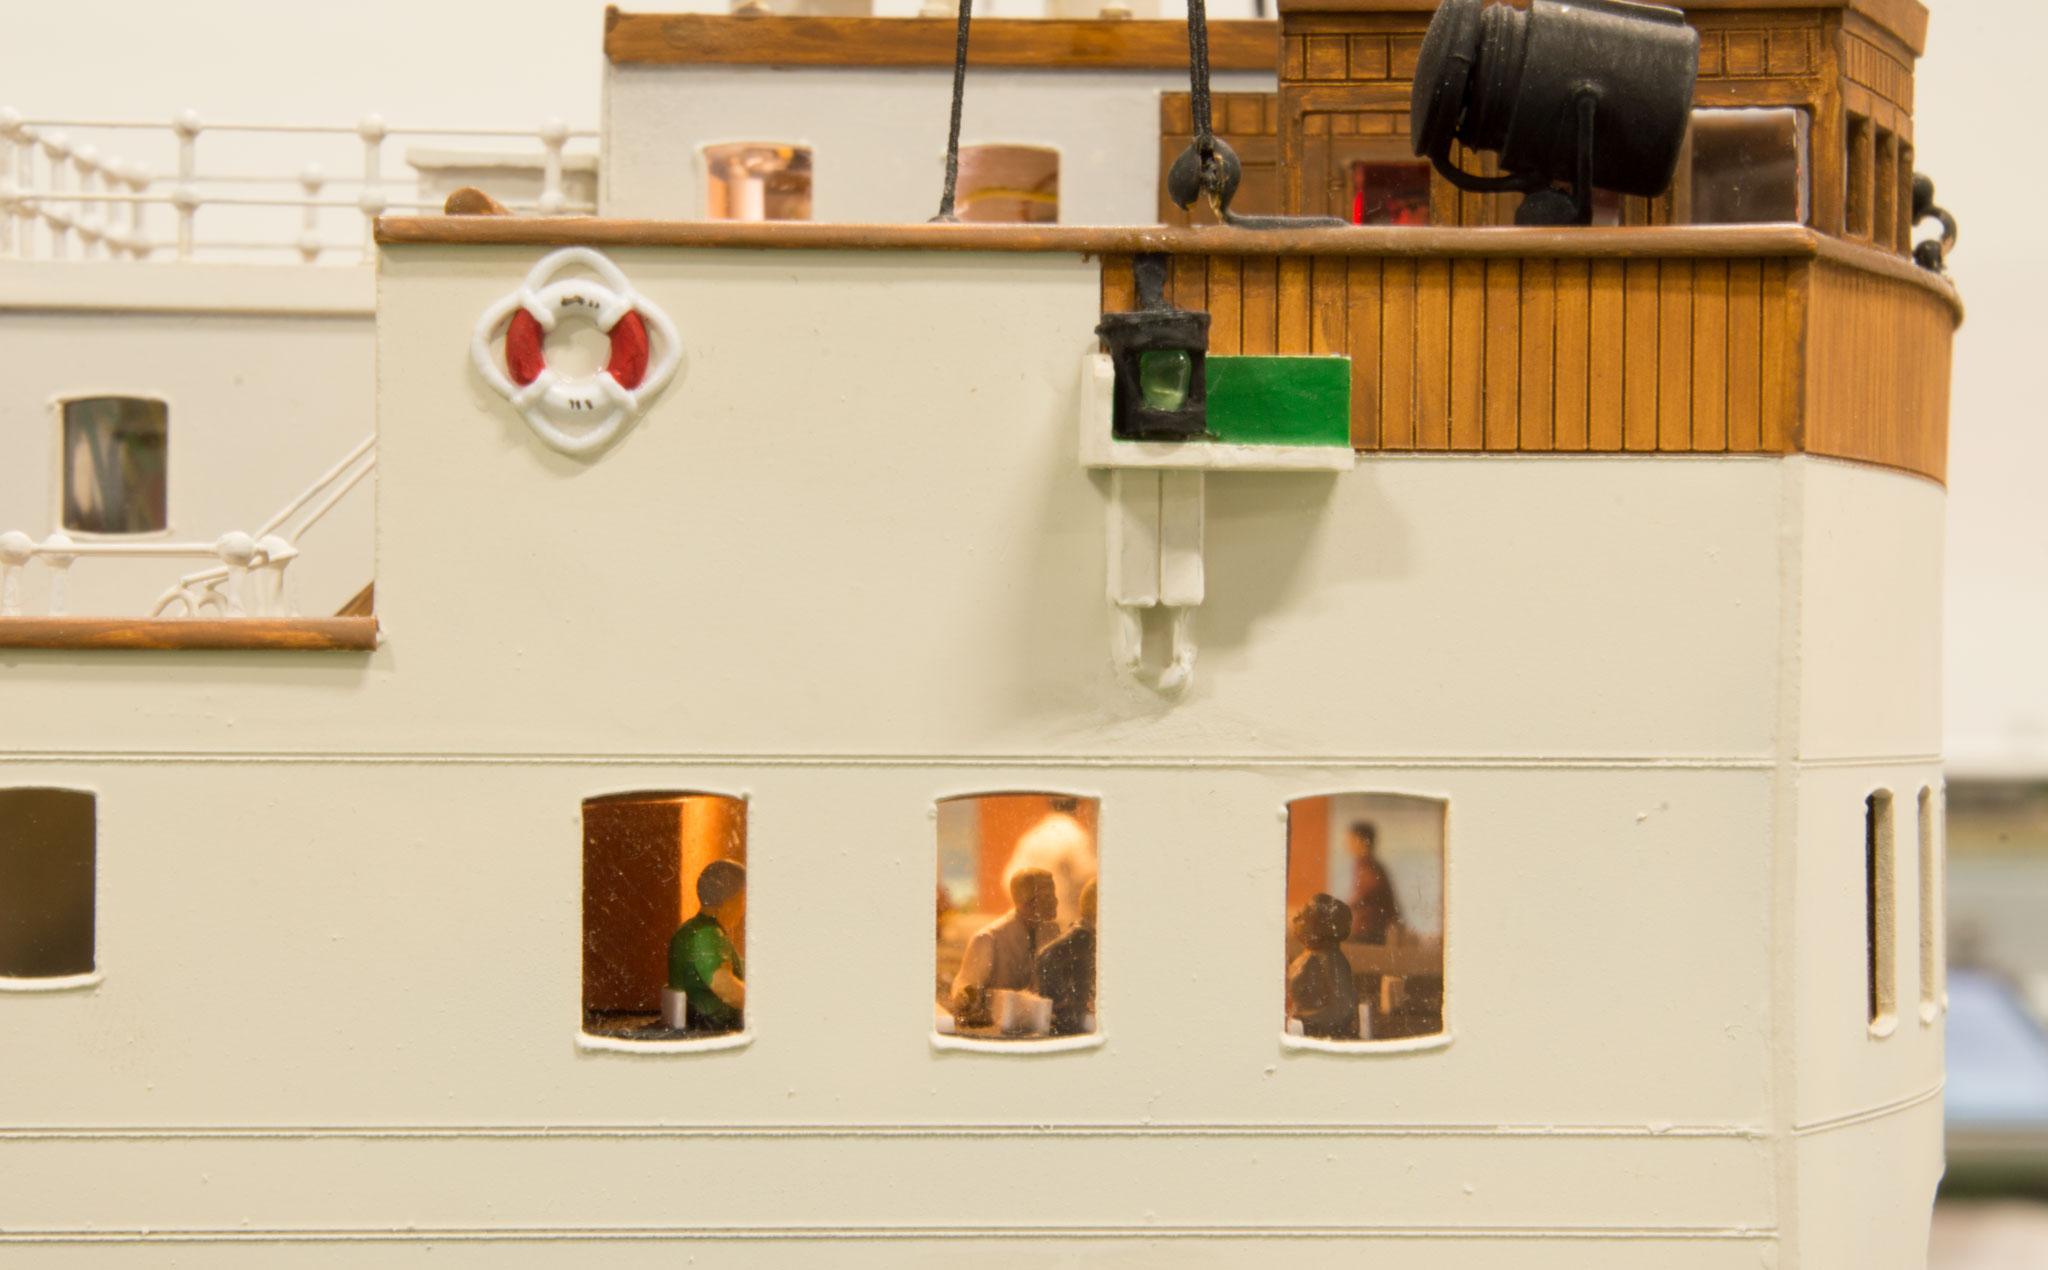 Andreas Lenz' håndbyggede model af færgen S/S Danmark